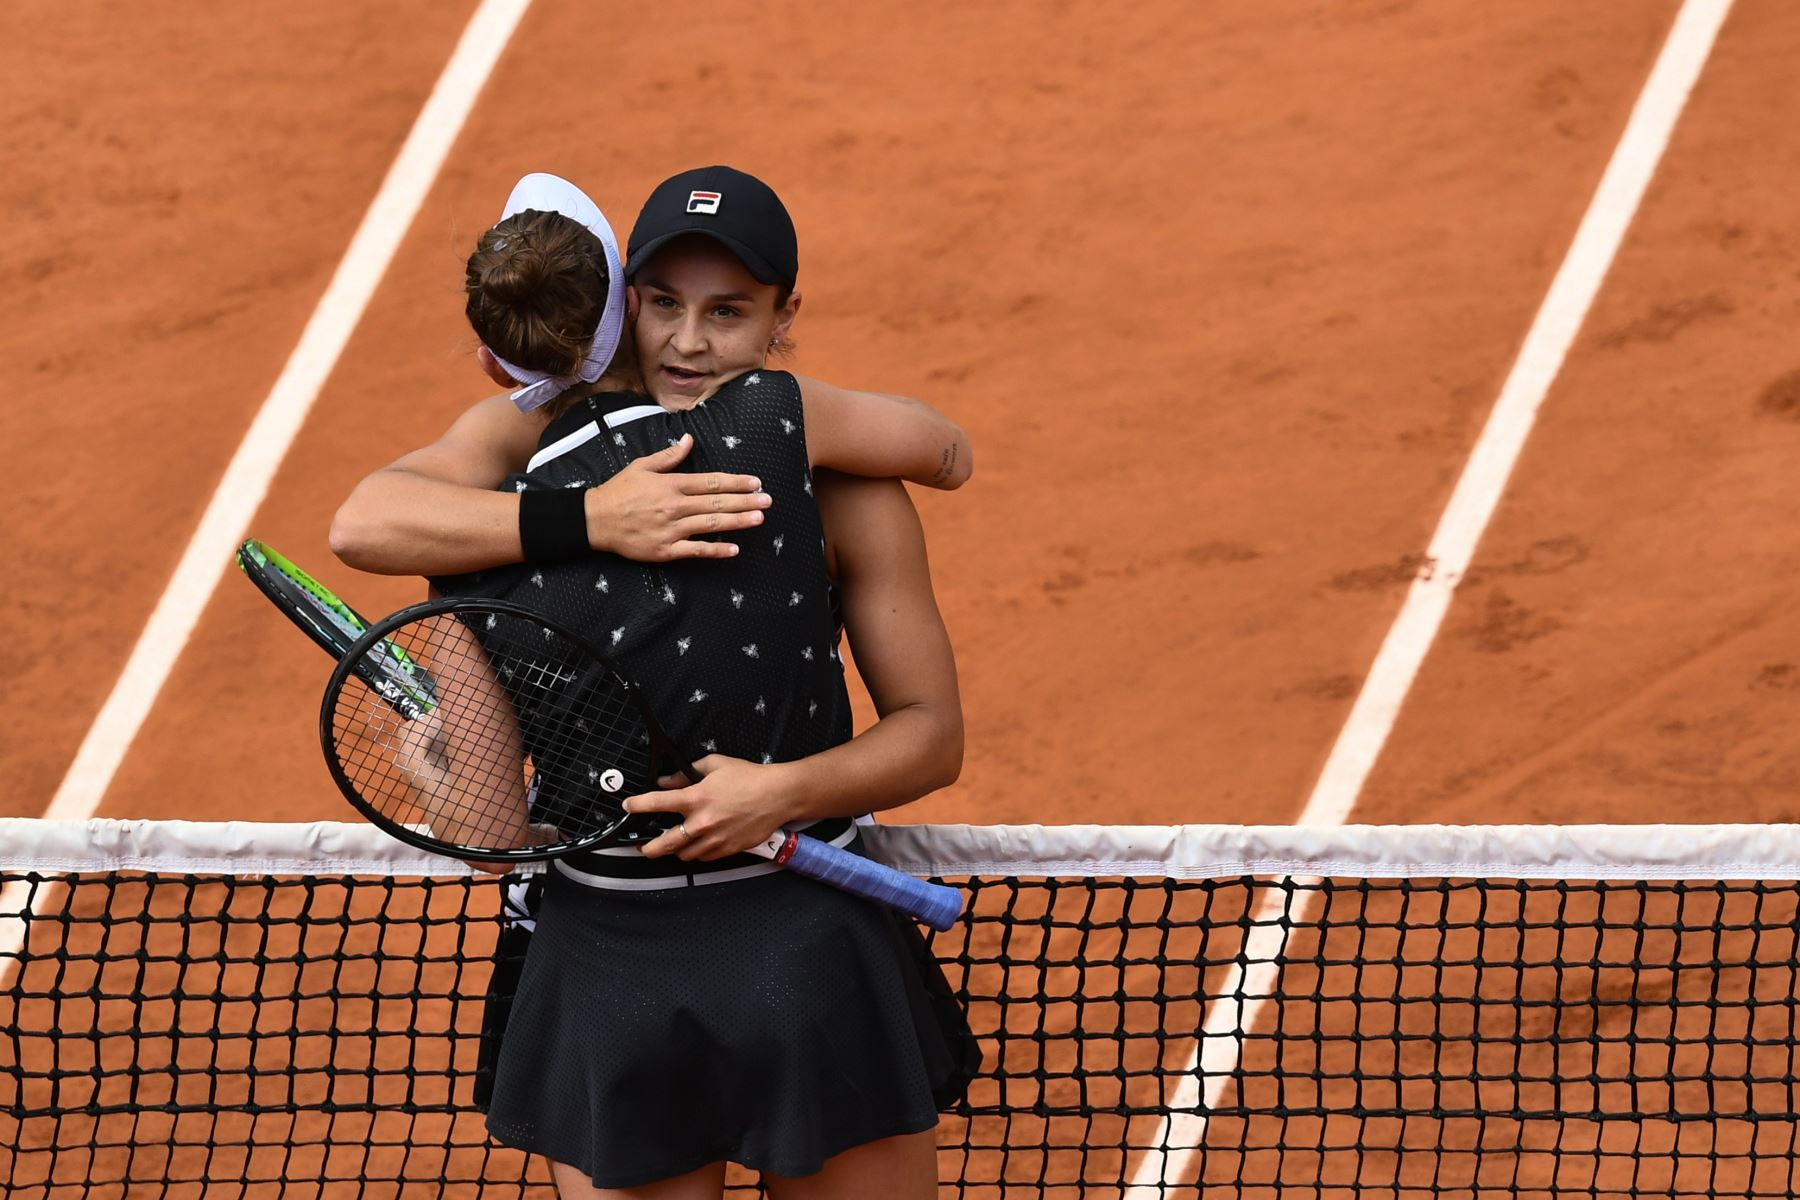 Ashleigh Barty (trasero) de Australia abraza a Marketa Vondrousova de República Checa después de ganar en su partido final de individuales femenino del torneo de tenis Roland Garros 2019. Foto:AFP